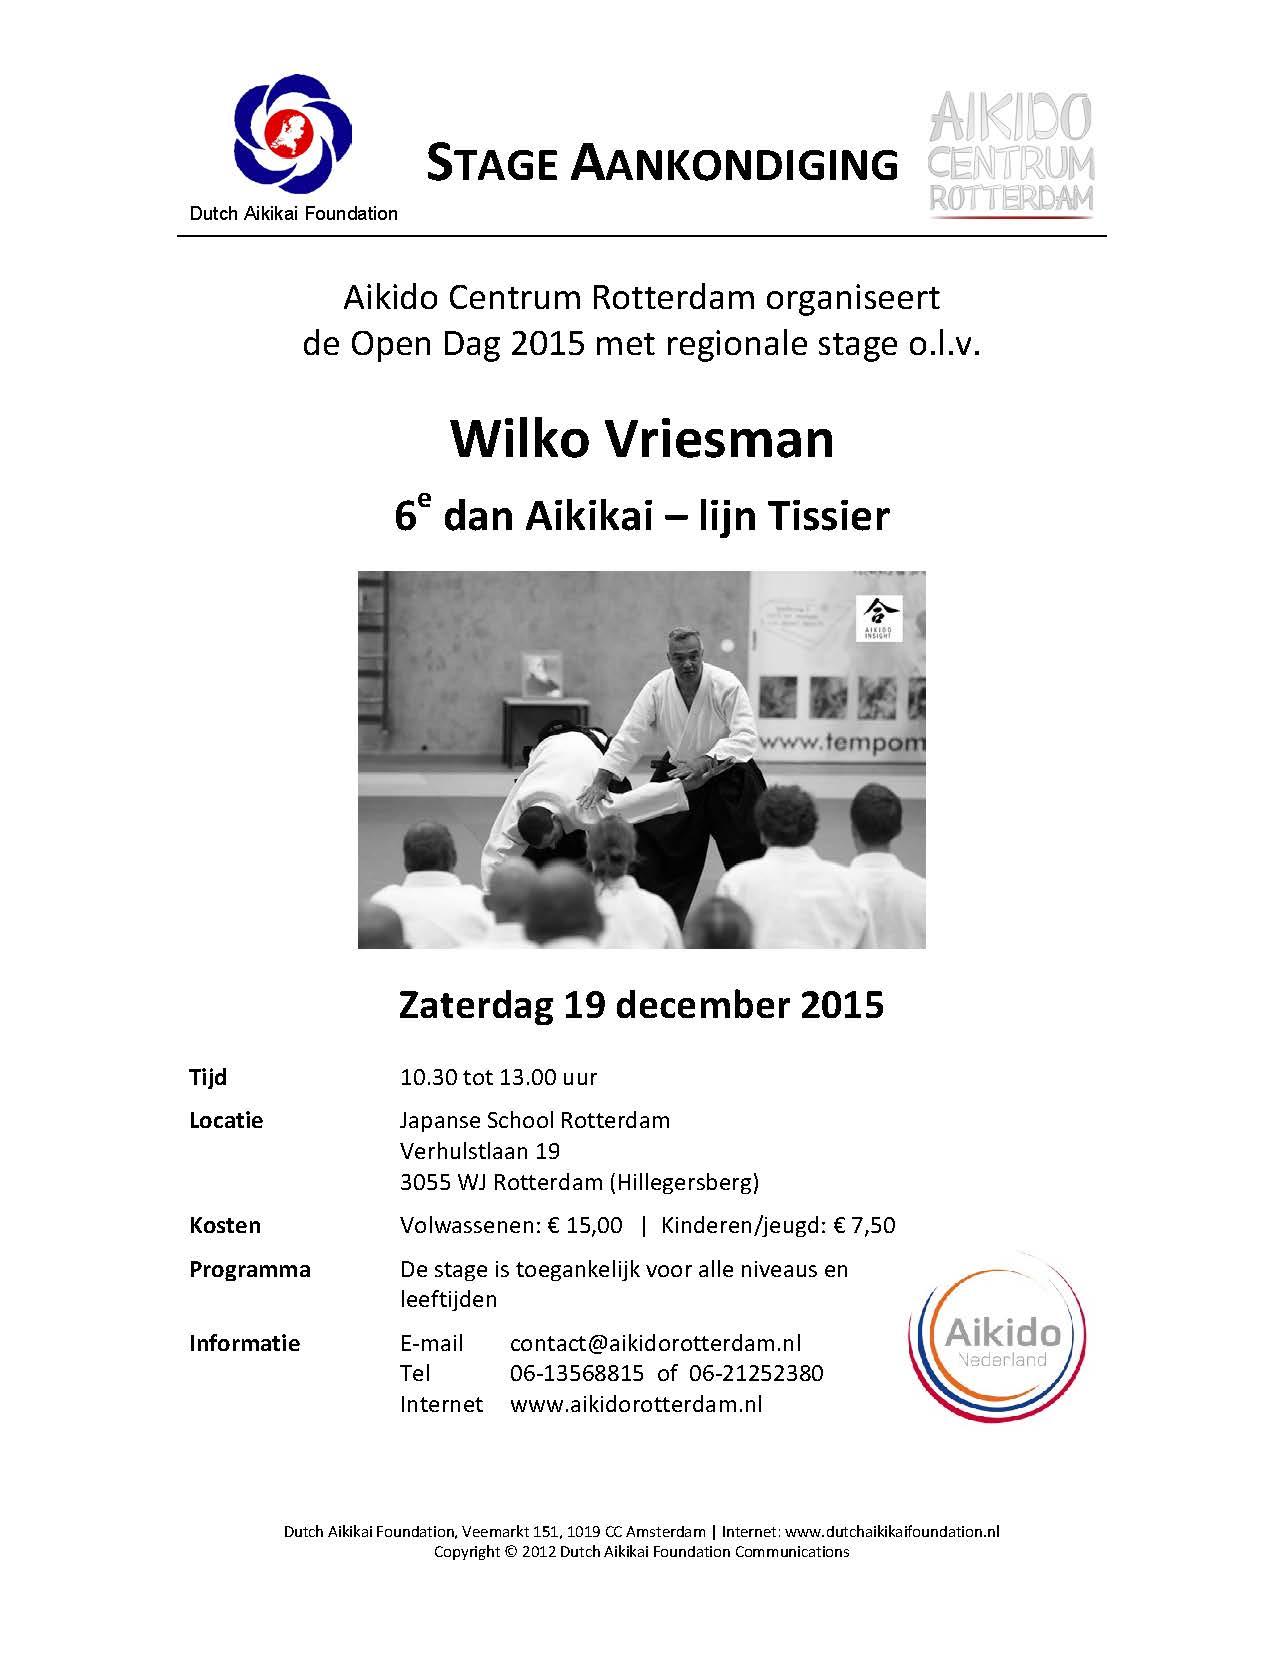 Stage Aankondiging ACR stage 19-12-2015 Wilko Vriesman